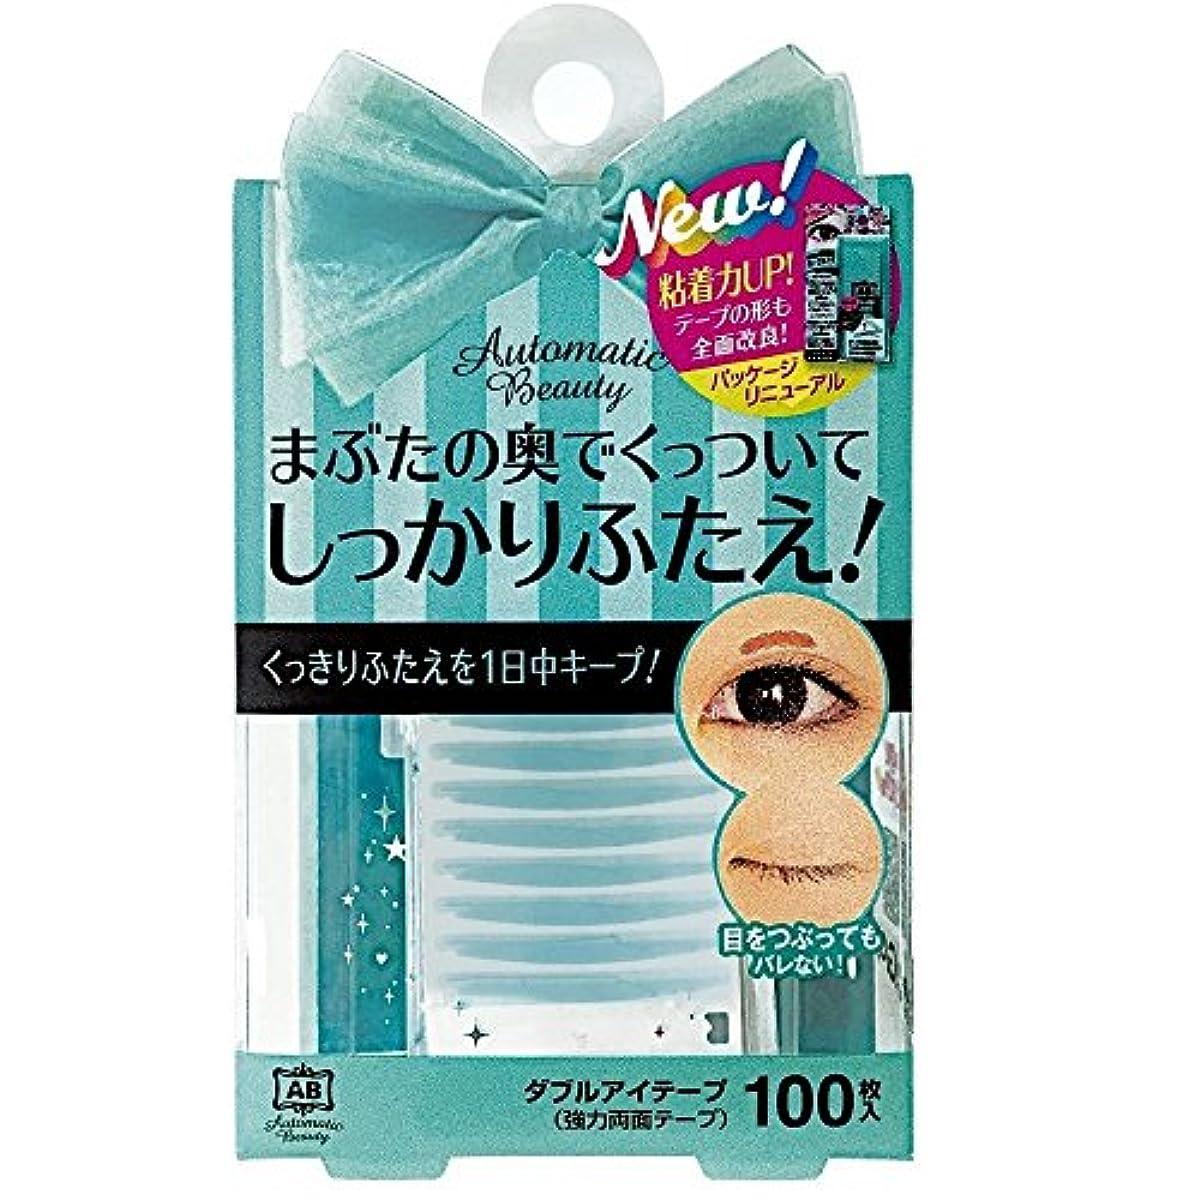 違反テスピアン版Automatic Beauty(オートマティックビューティ) ダブルアイテープ 100枚